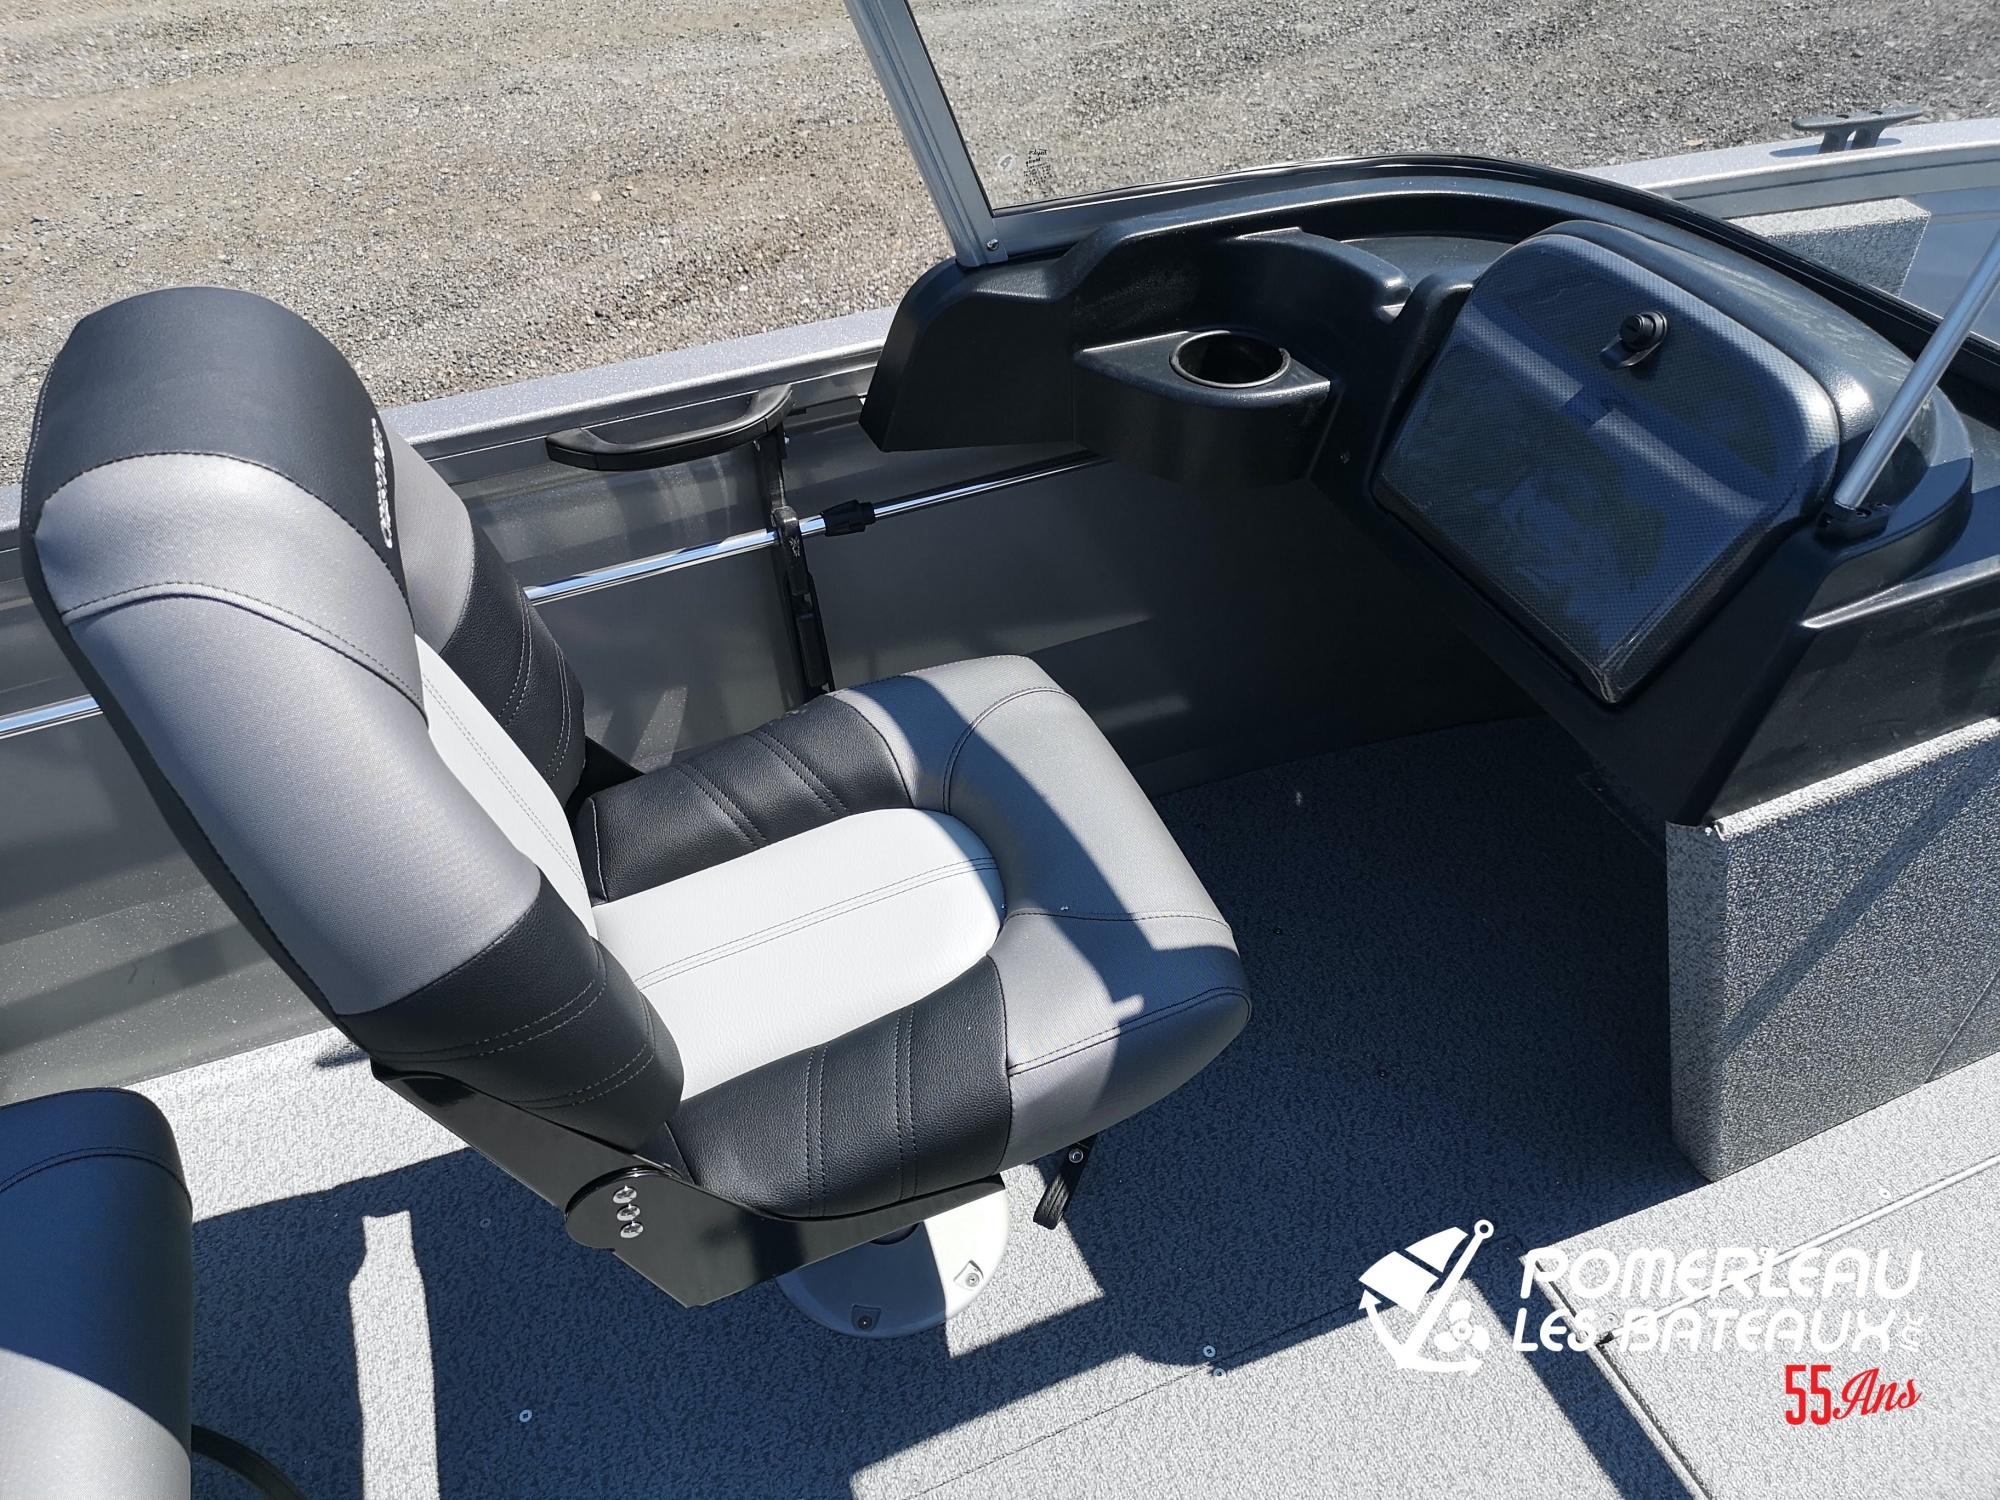 Crestliner Vision - IMG_20210712_113744